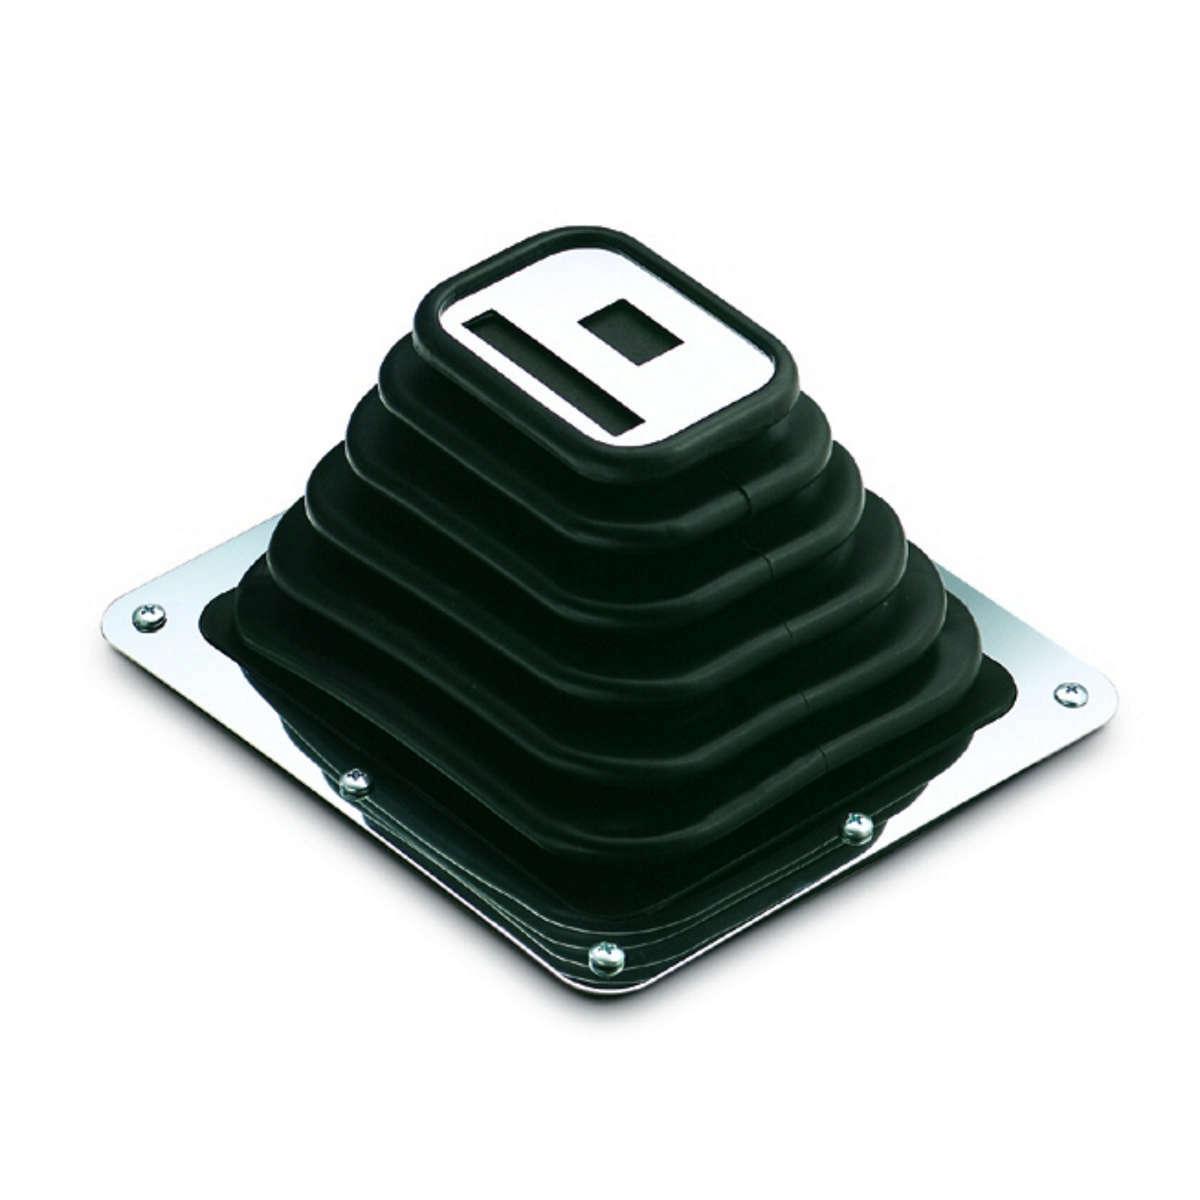 Hurst 114-0010 Shifter Boot, Rectangular, 8-3/4 x 7-3/4 in Base, Rectangle Boot, Chrome Steel Shifter Boot Ring, Rubber, Black, Hurst Super Shifter 3, Kit